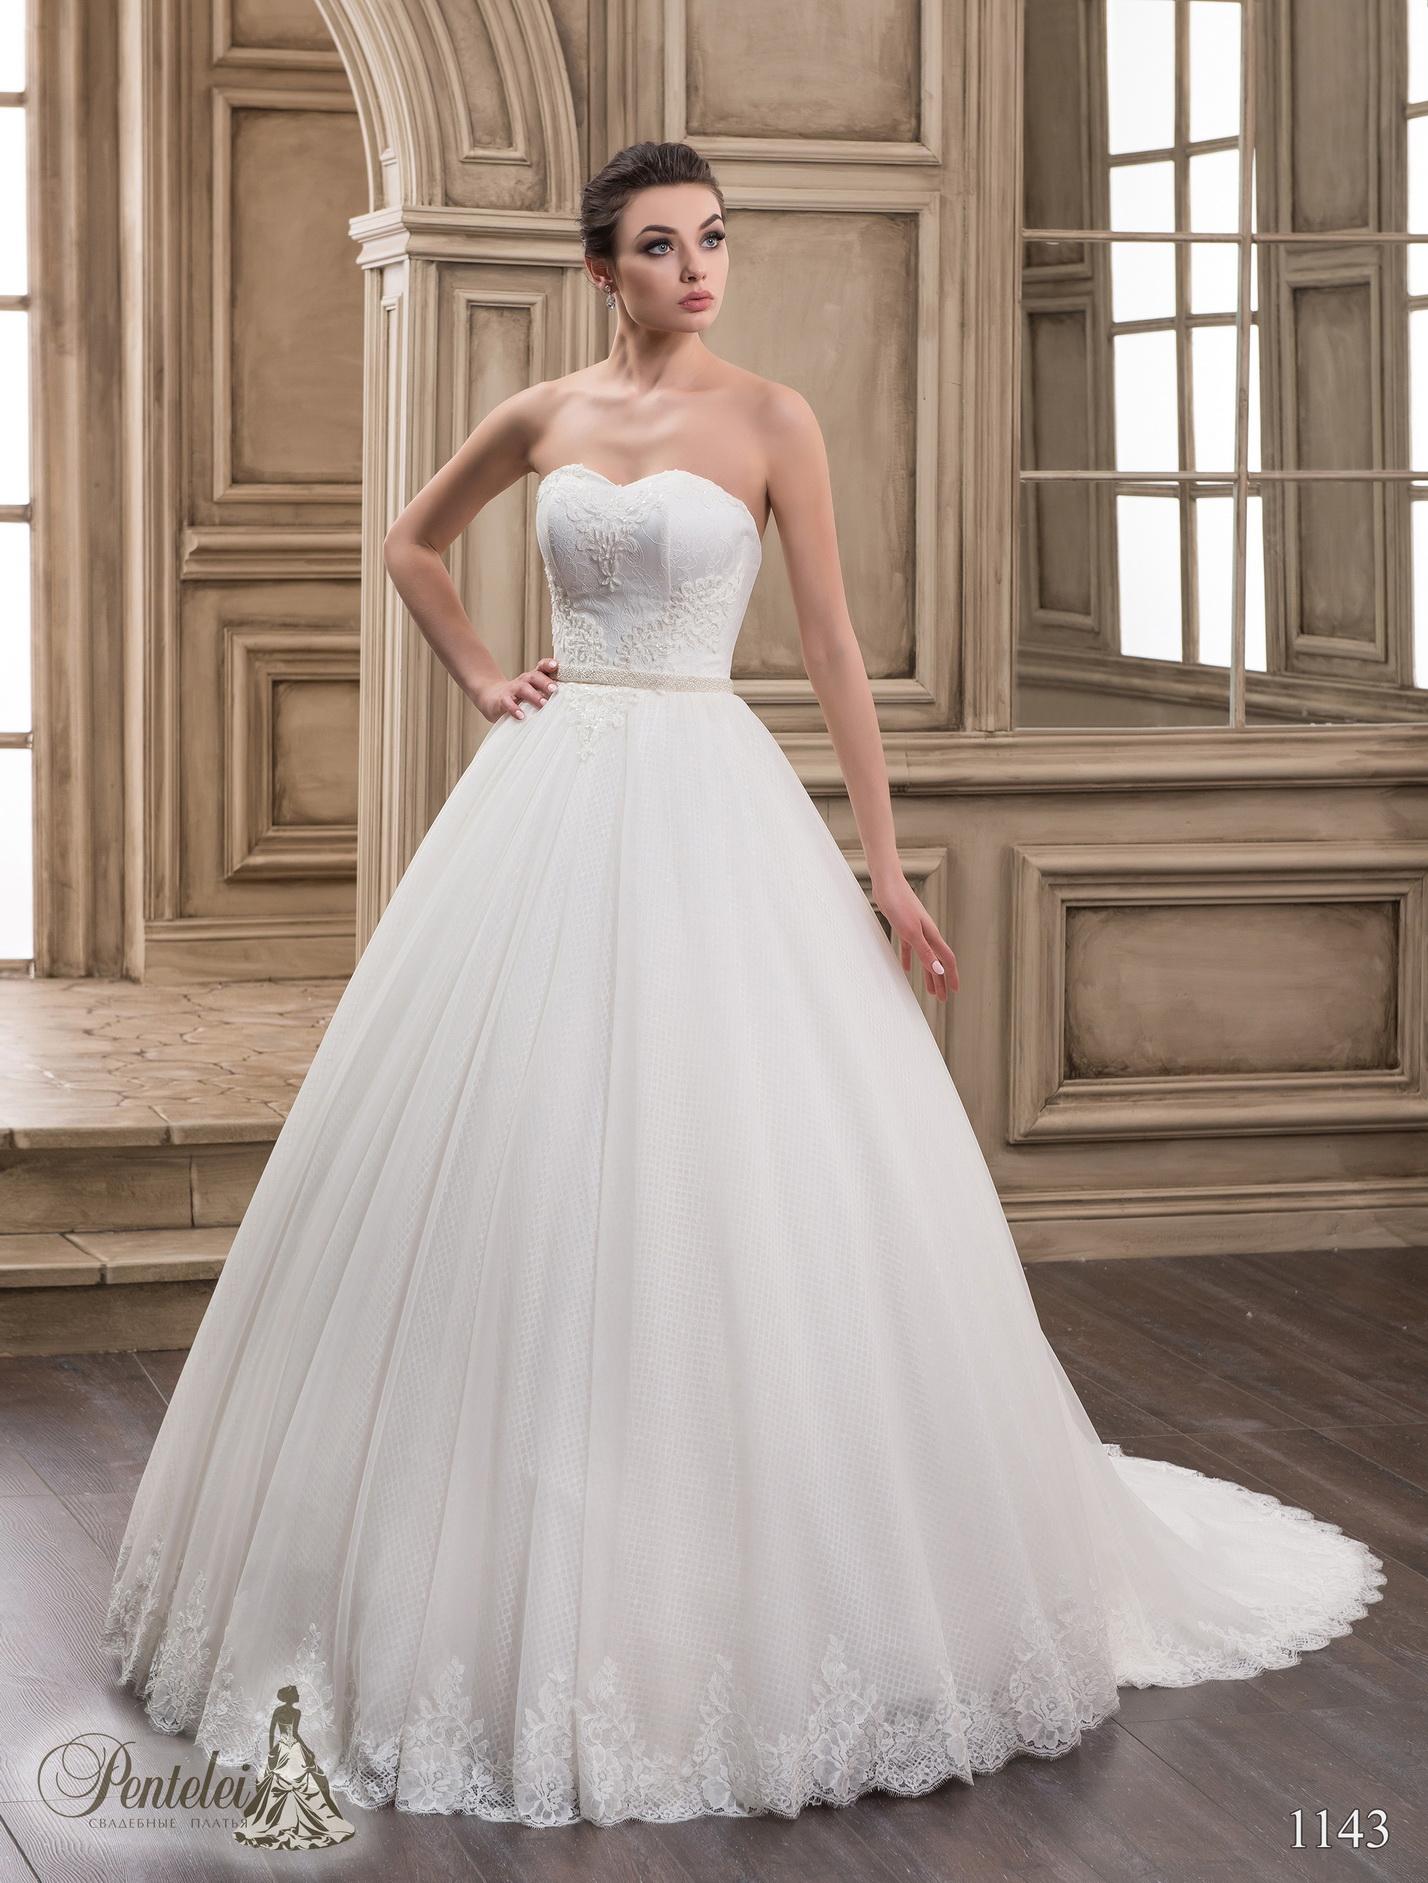 1143 | Купить свадебные платья оптом от Pentelei